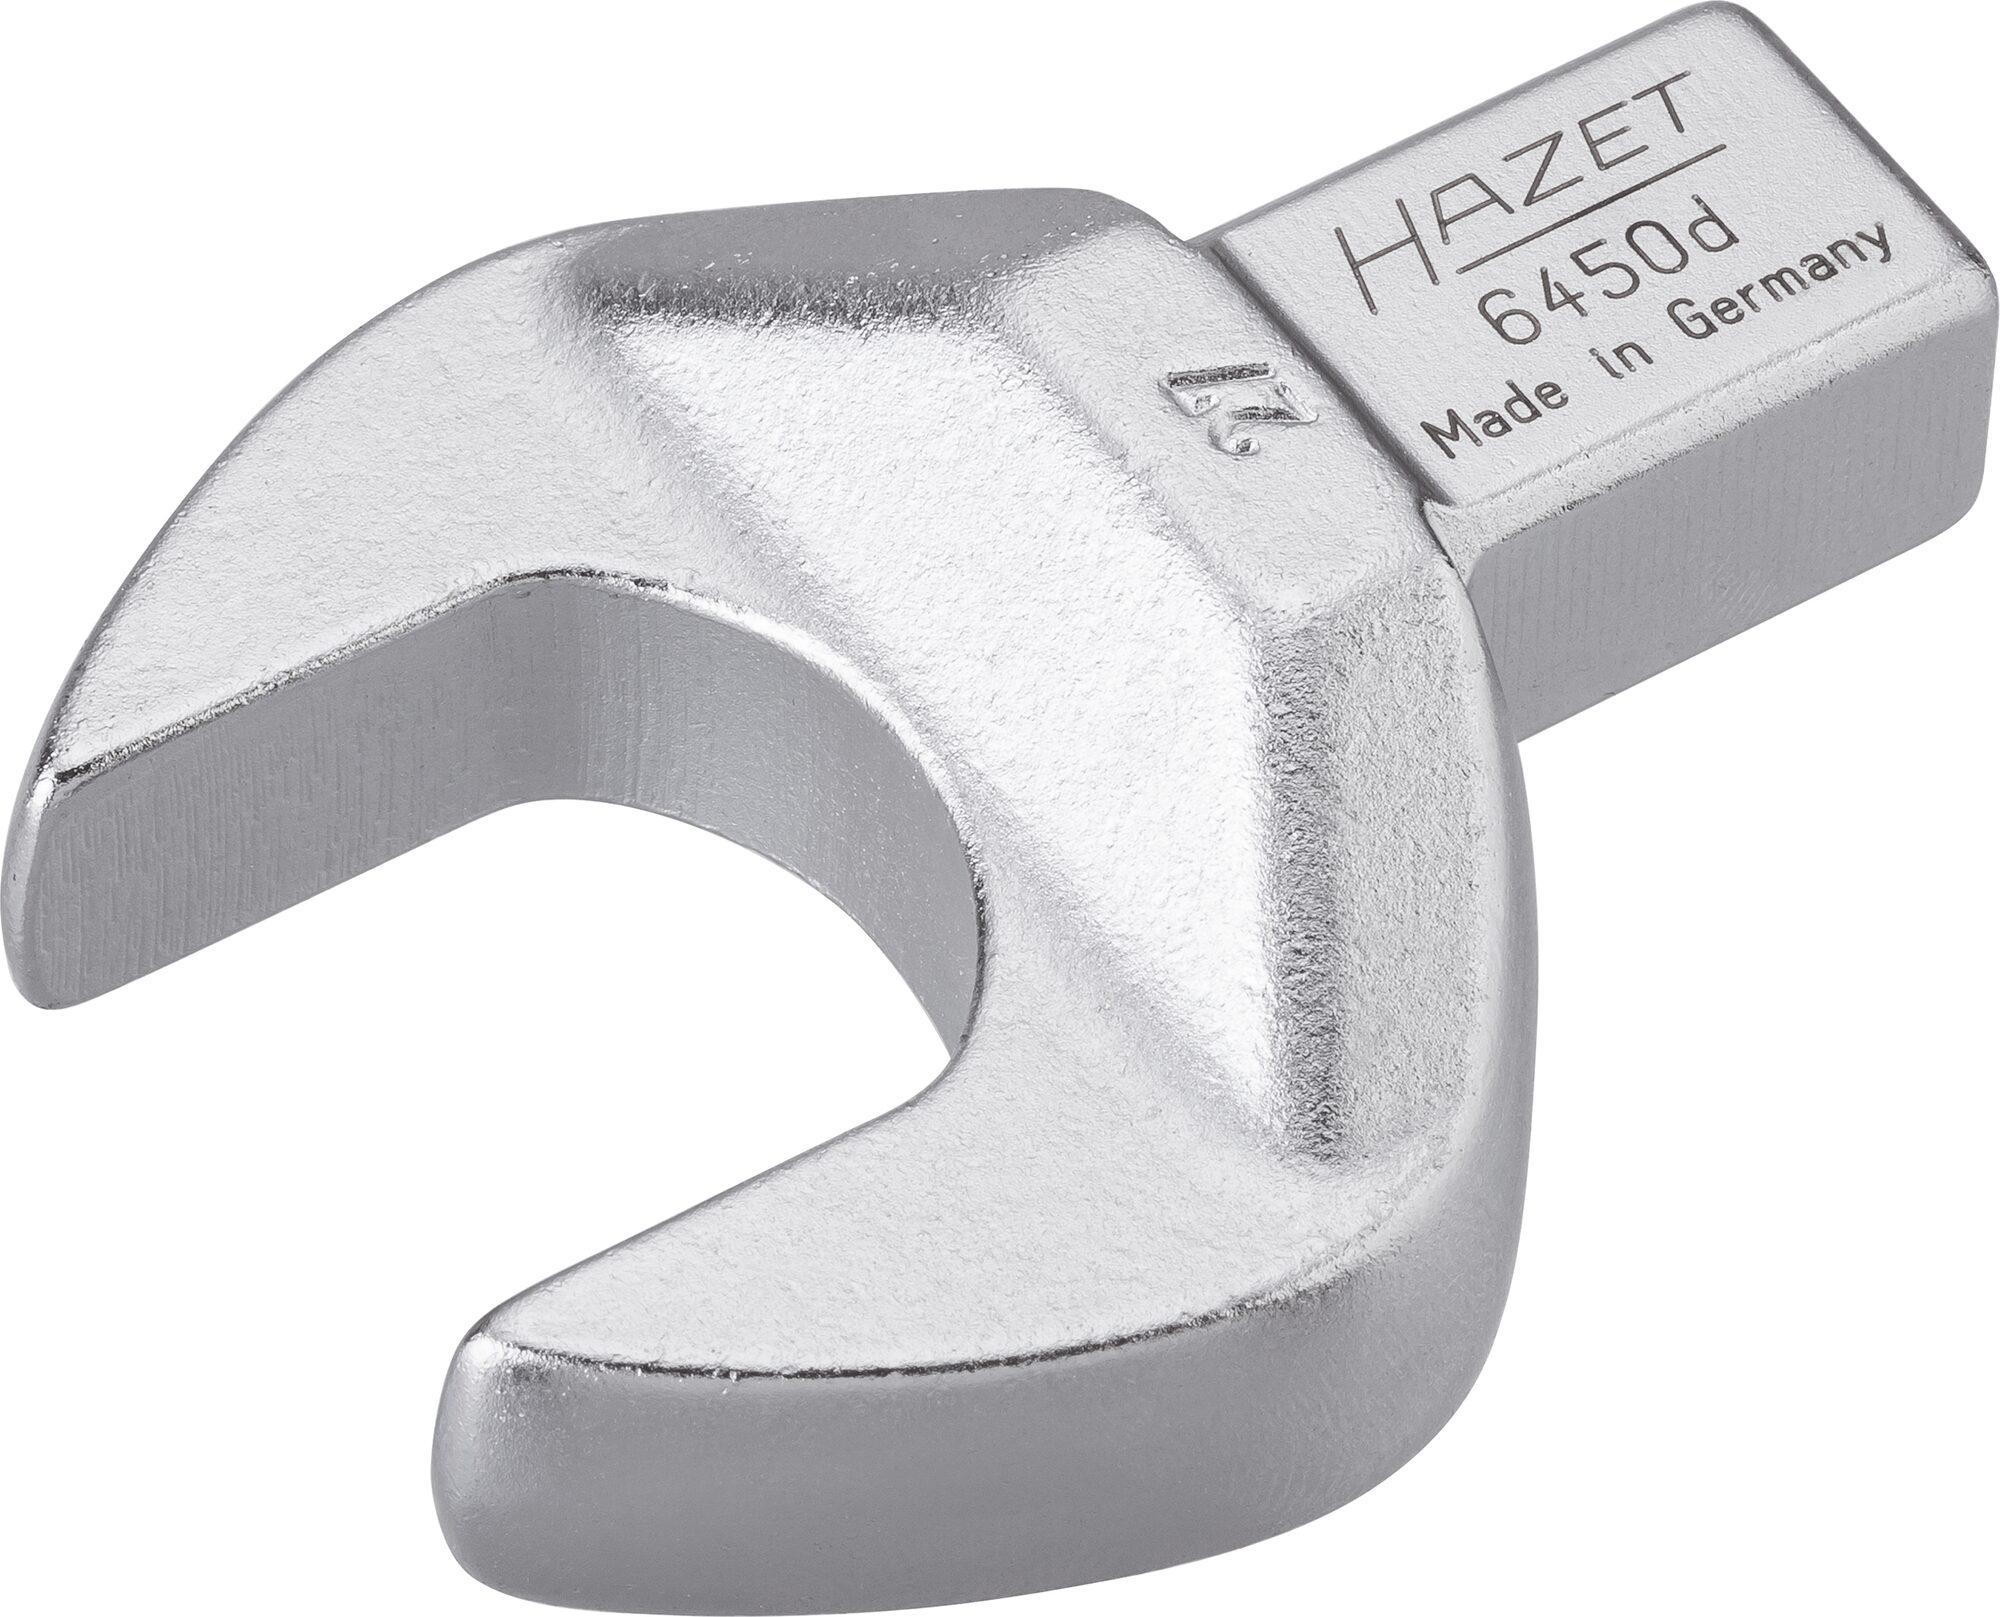 HAZET Einsteck-Maulschlüssel 6450D-27 ∙ Einsteck-Vierkant 14 x 18 mm ∙ Außen-Sechskant Profil ∙ 27 mm